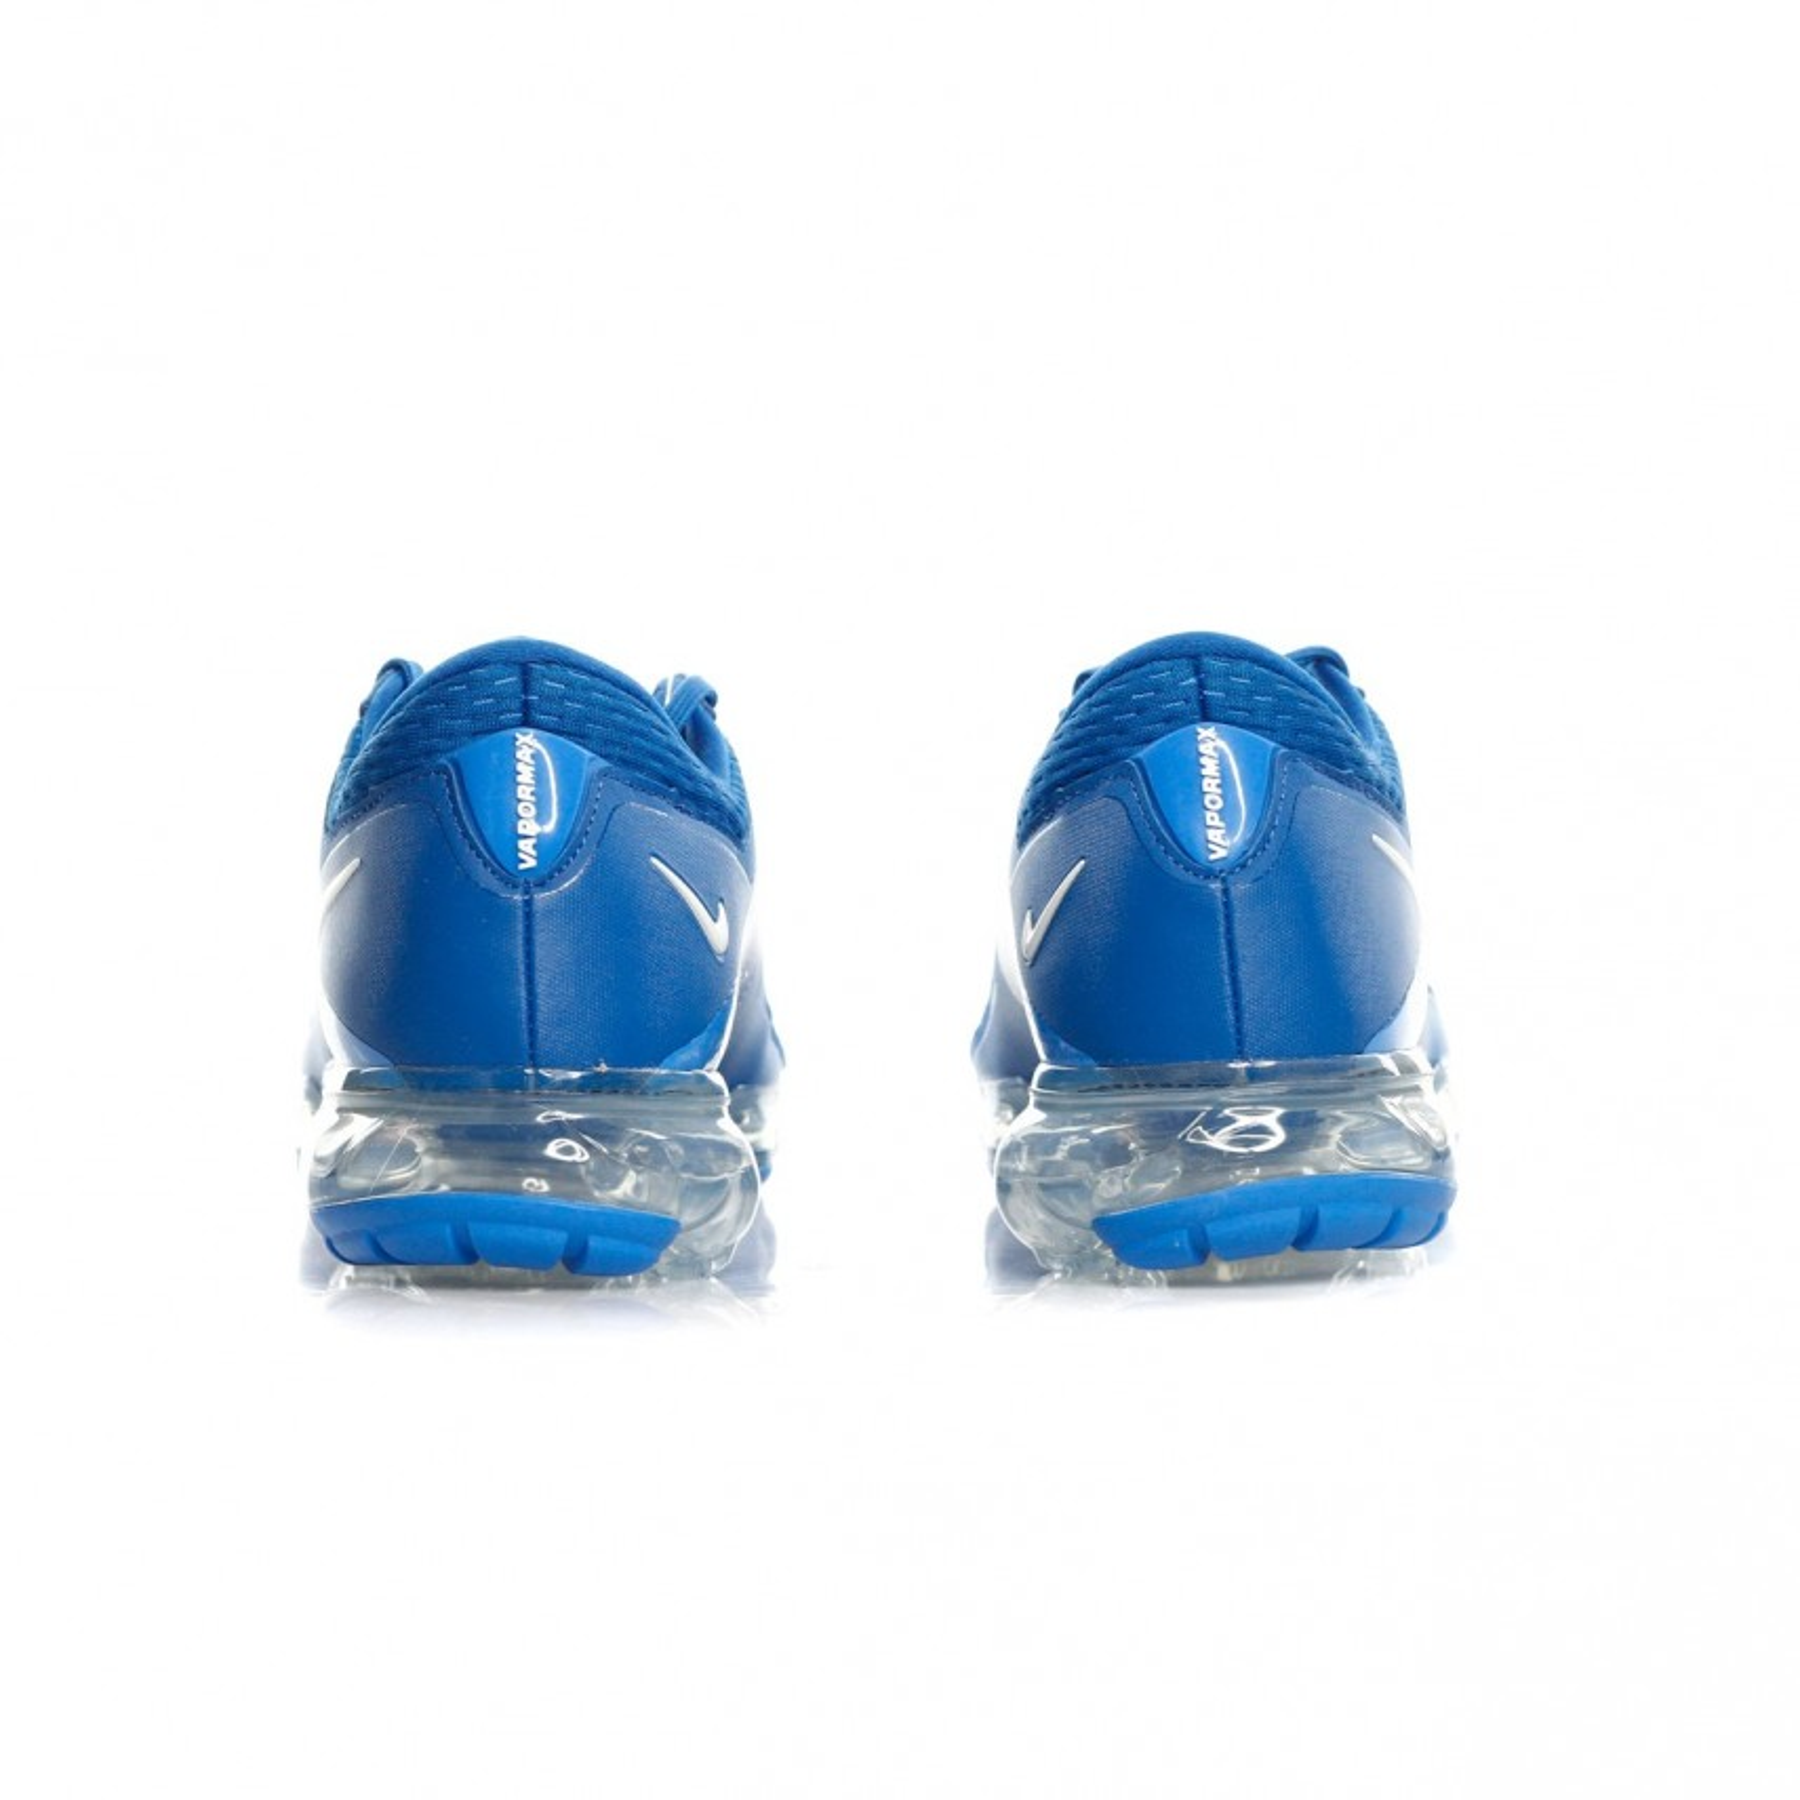 6a3473c9df47e7 SCARPA BASSA AIR VAPORMAX MILITARY BLUE SAIL